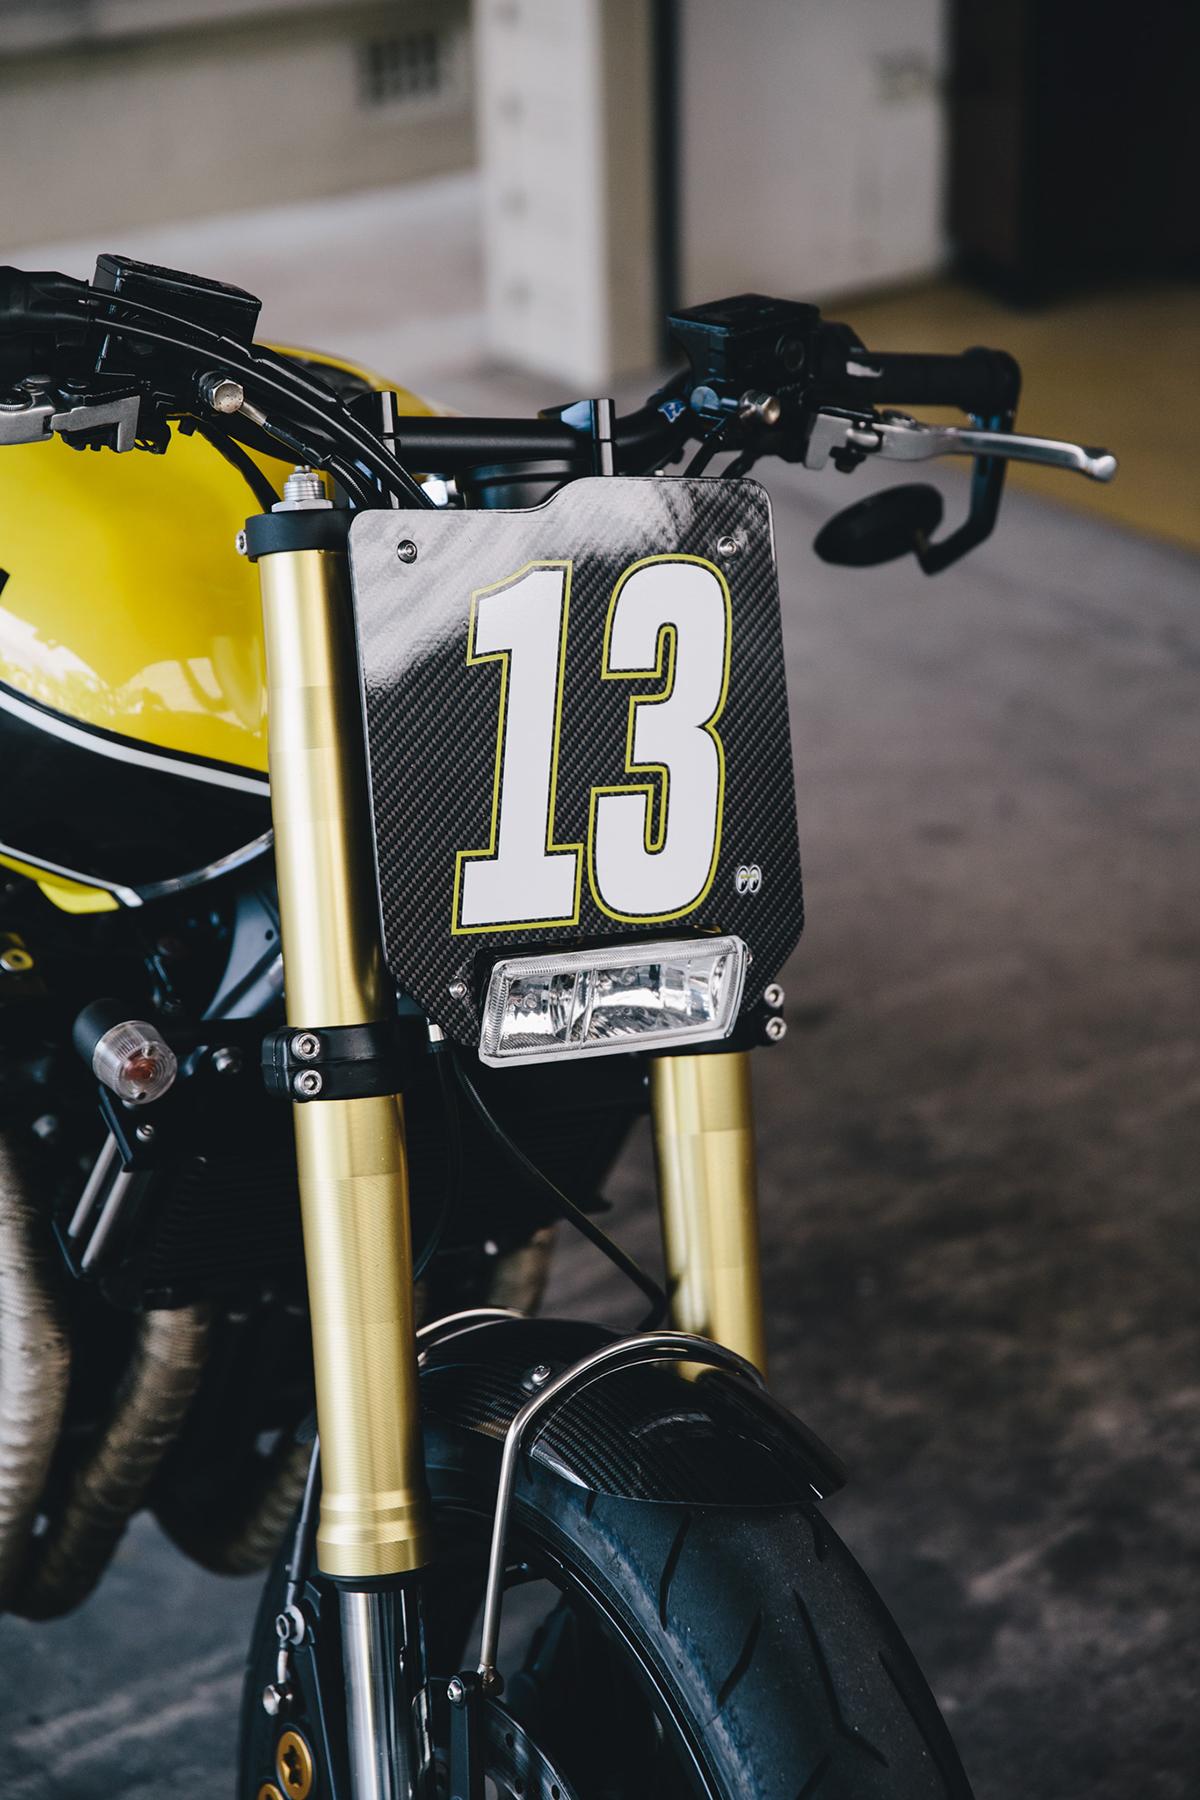 Yamaha_XJR1300_Chevrolet_C1020160822 (3)